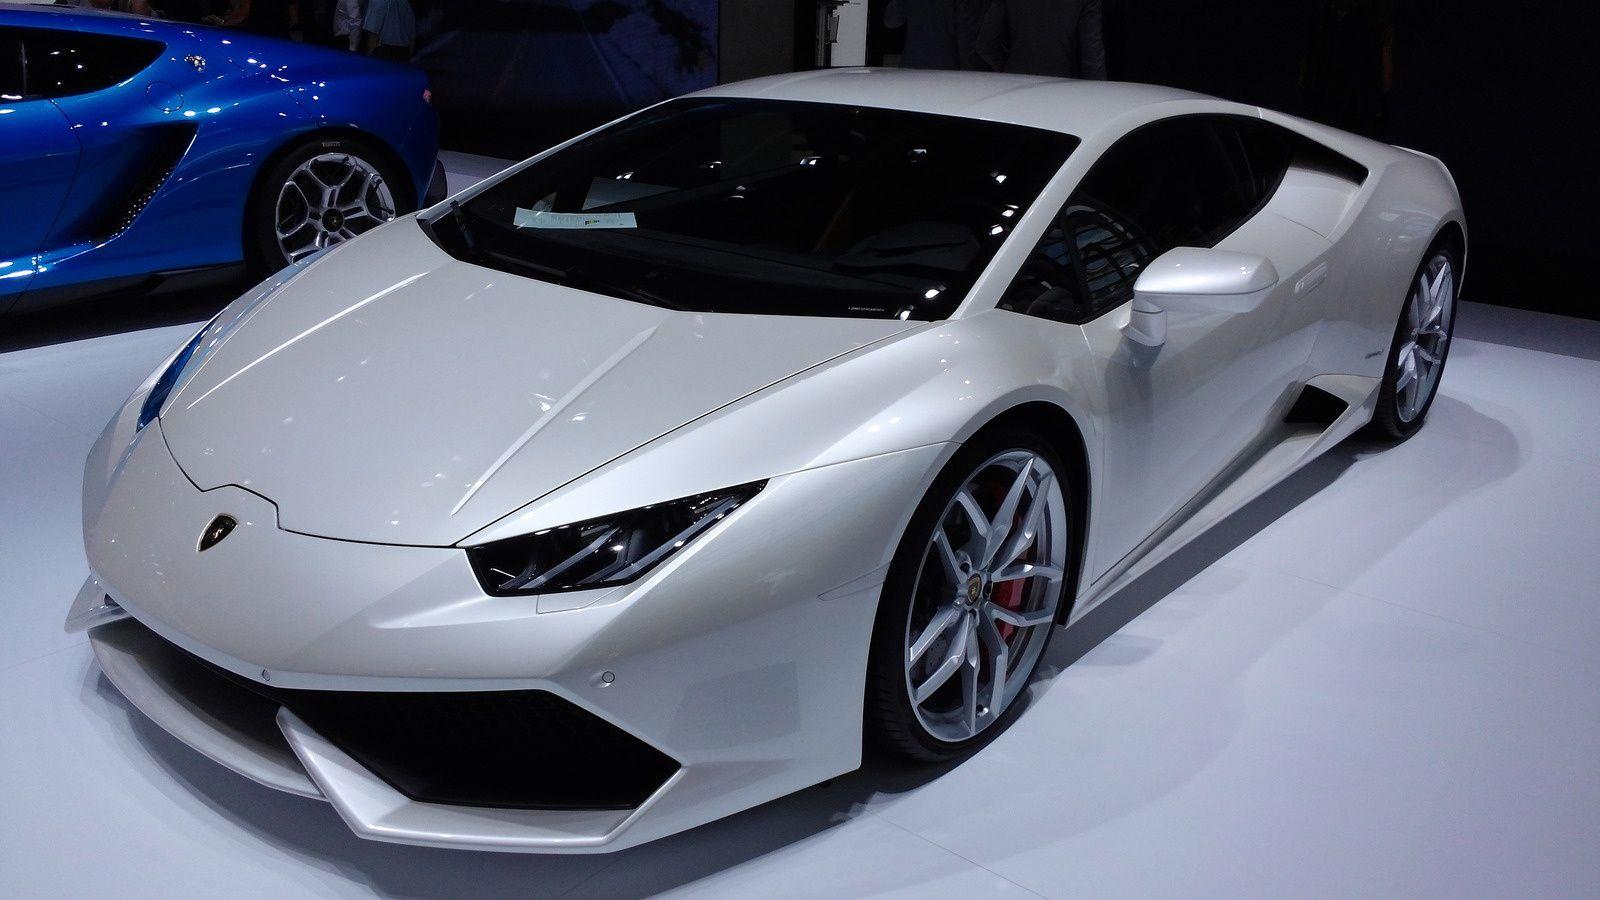 La Lamborghini Huracan s'offre un bloc V10 5.2L de 610 ch, associé à une boite à 7 rapports à double embrayage.